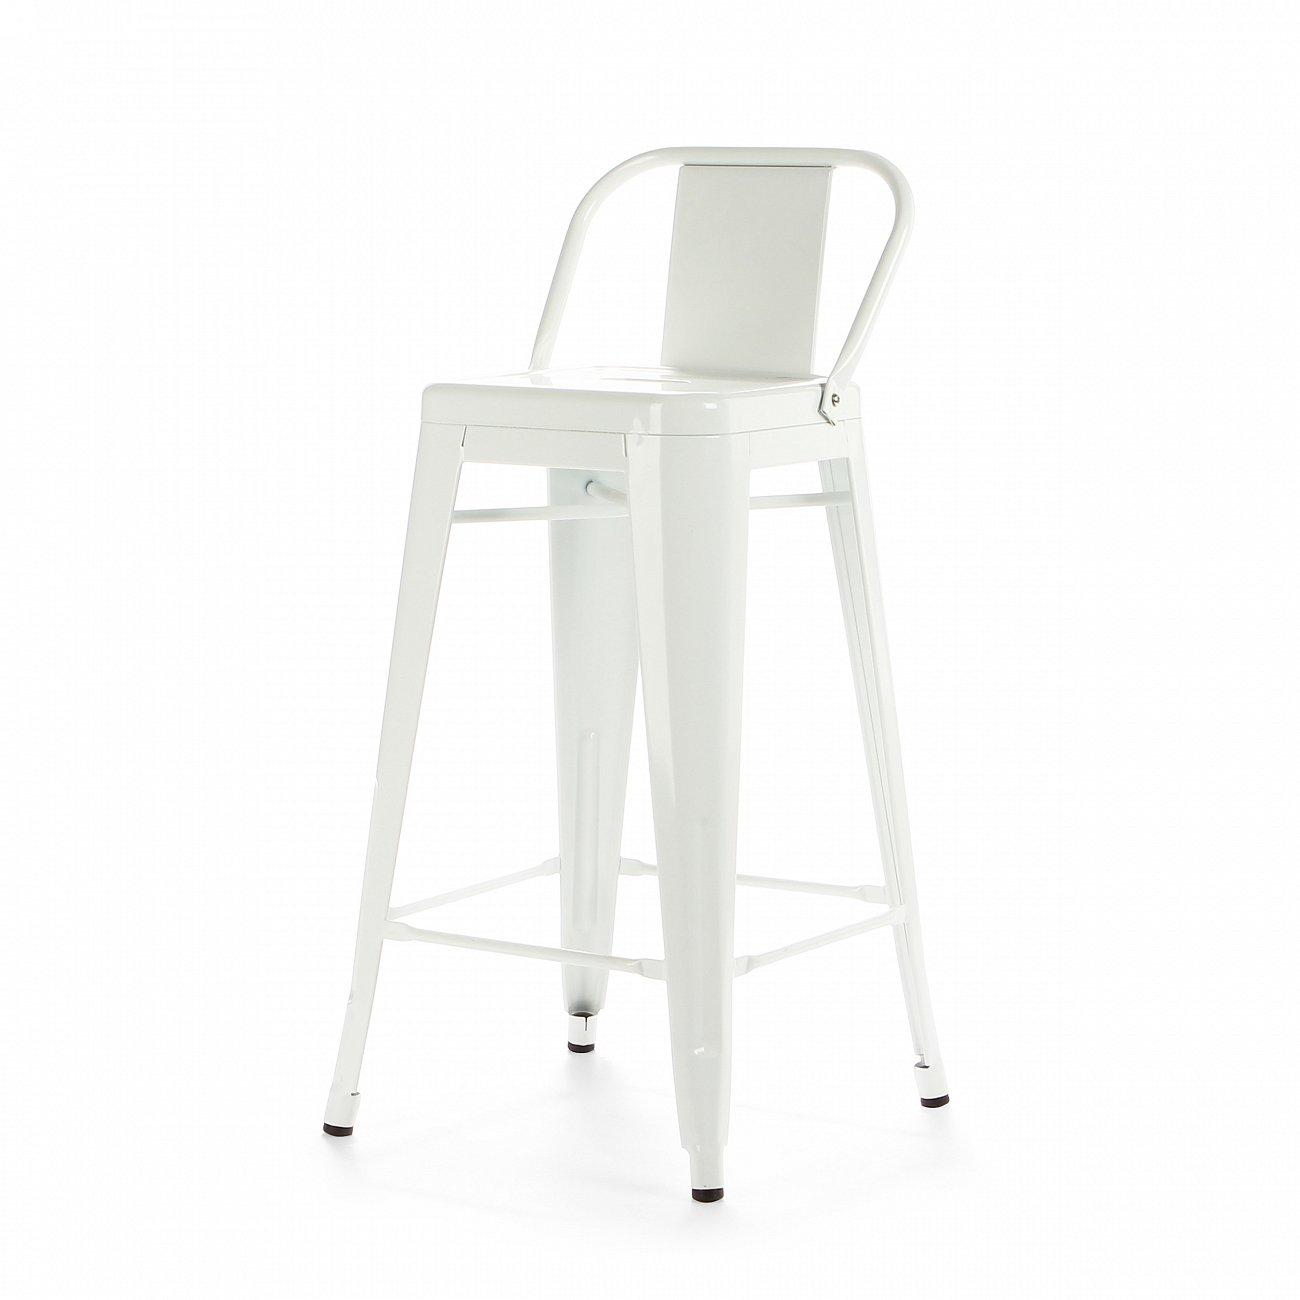 Купить Барный стул Marais Color со спинкой Белый в интернет магазине дизайнерской мебели и аксессуаров для дома и дачи